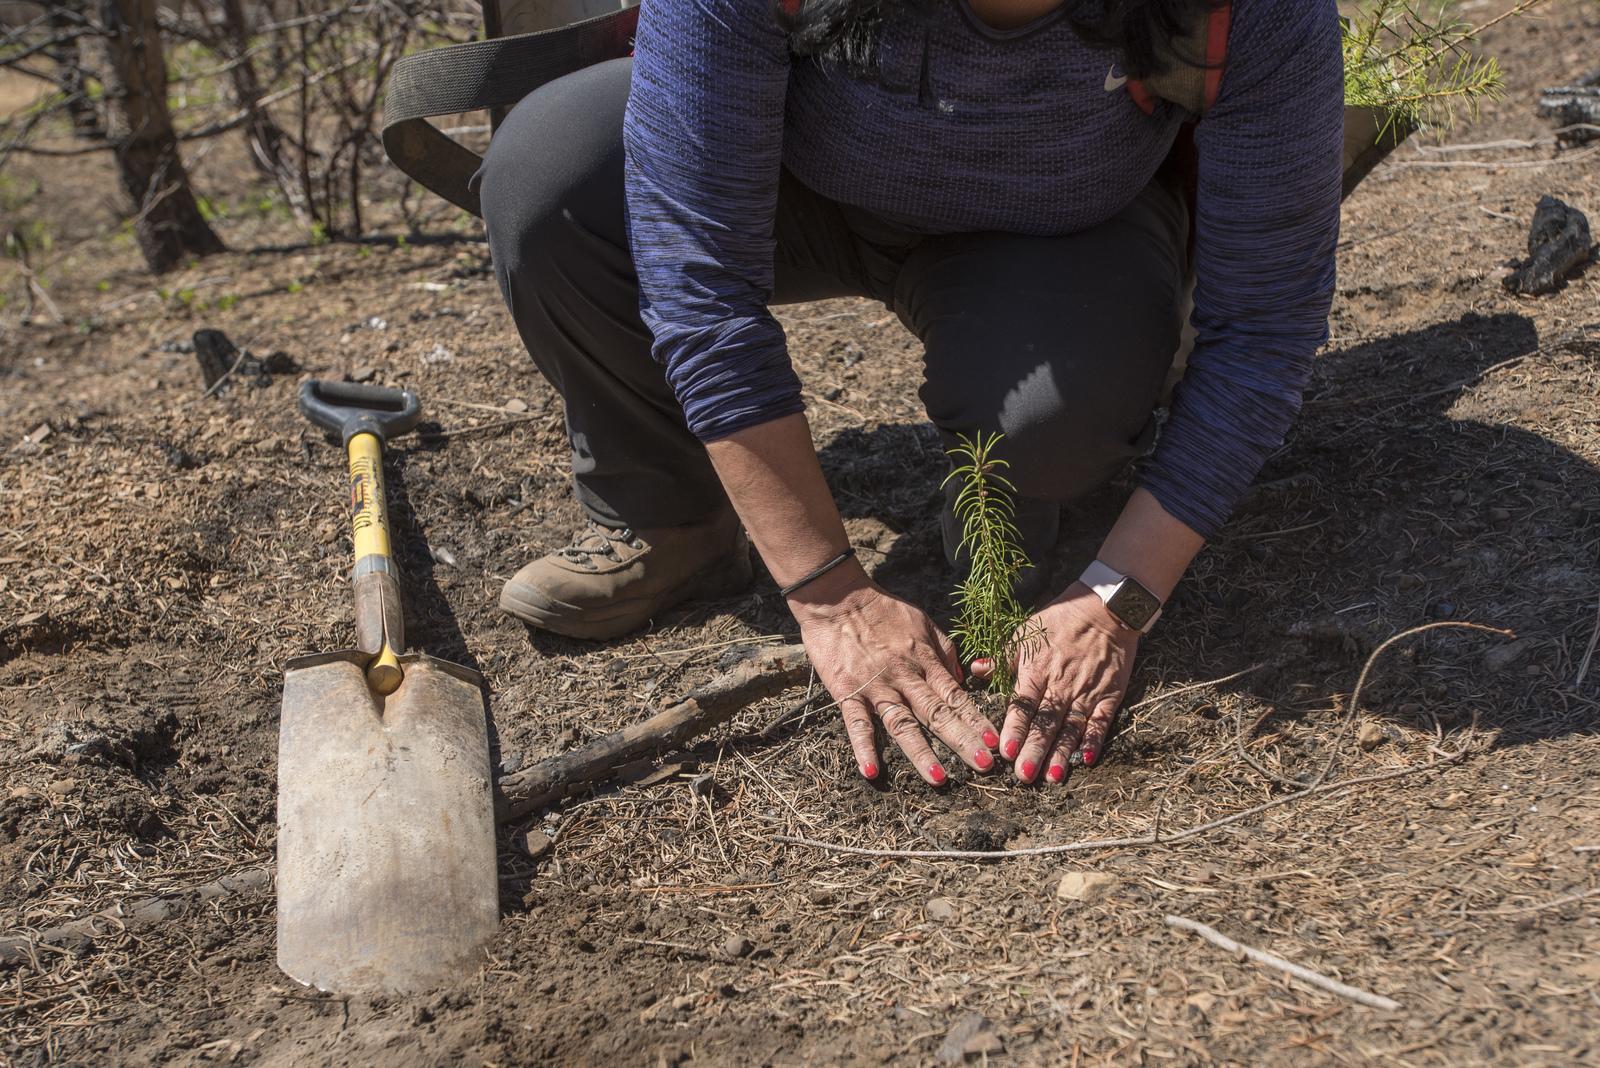 Jenette Ramos plants a tree sapling in a burned landscape on Roslyn Ridge. © Nikolaj Lasbo